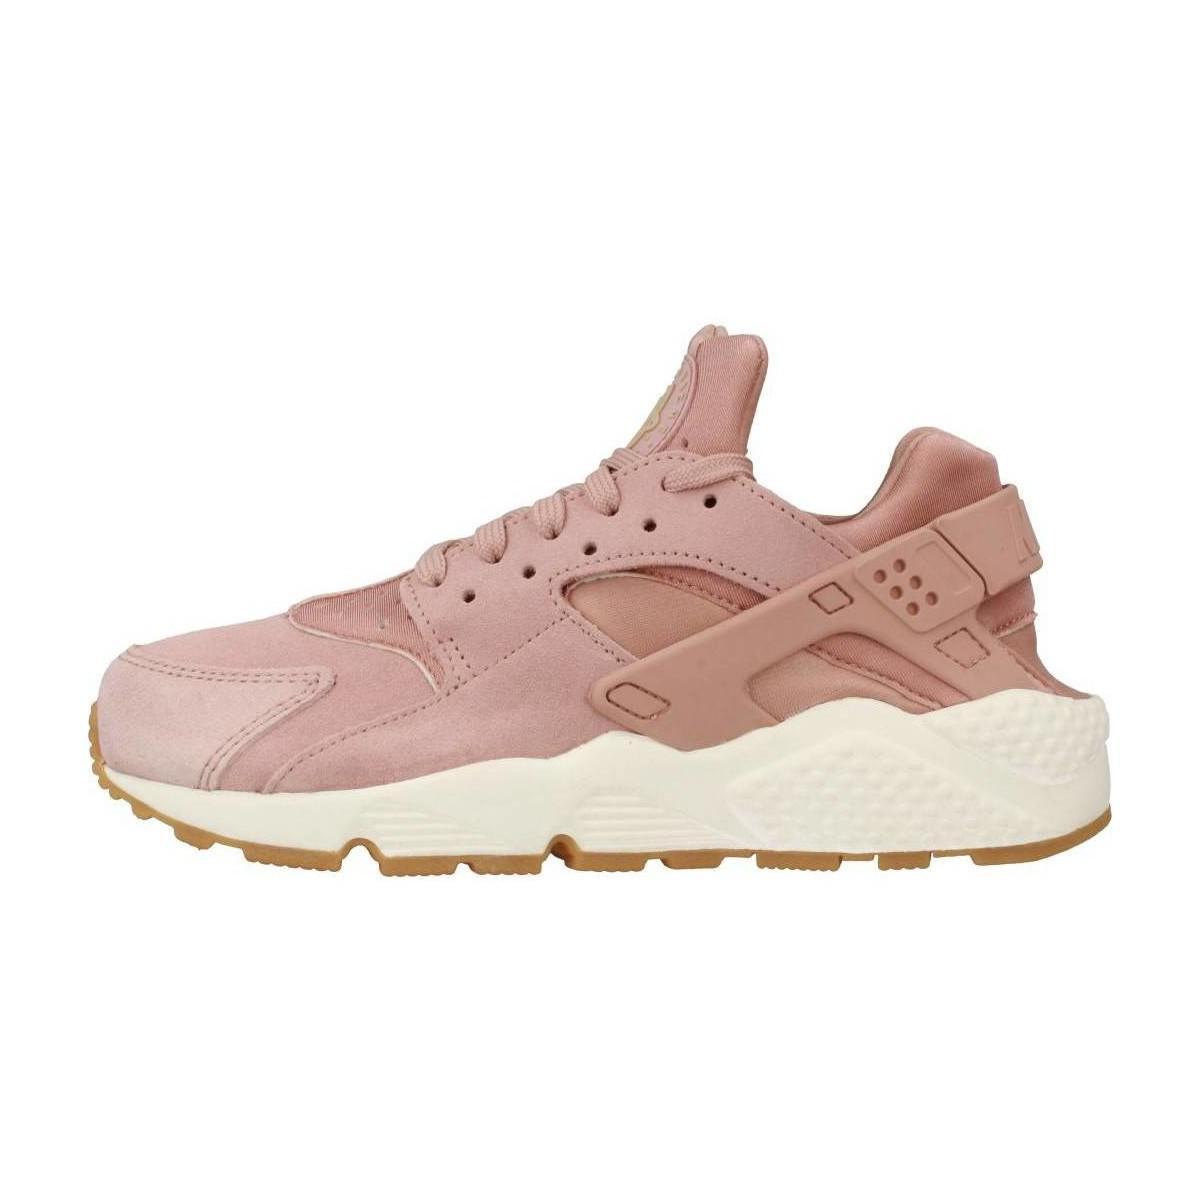 Nike Huarache Women's In Pink